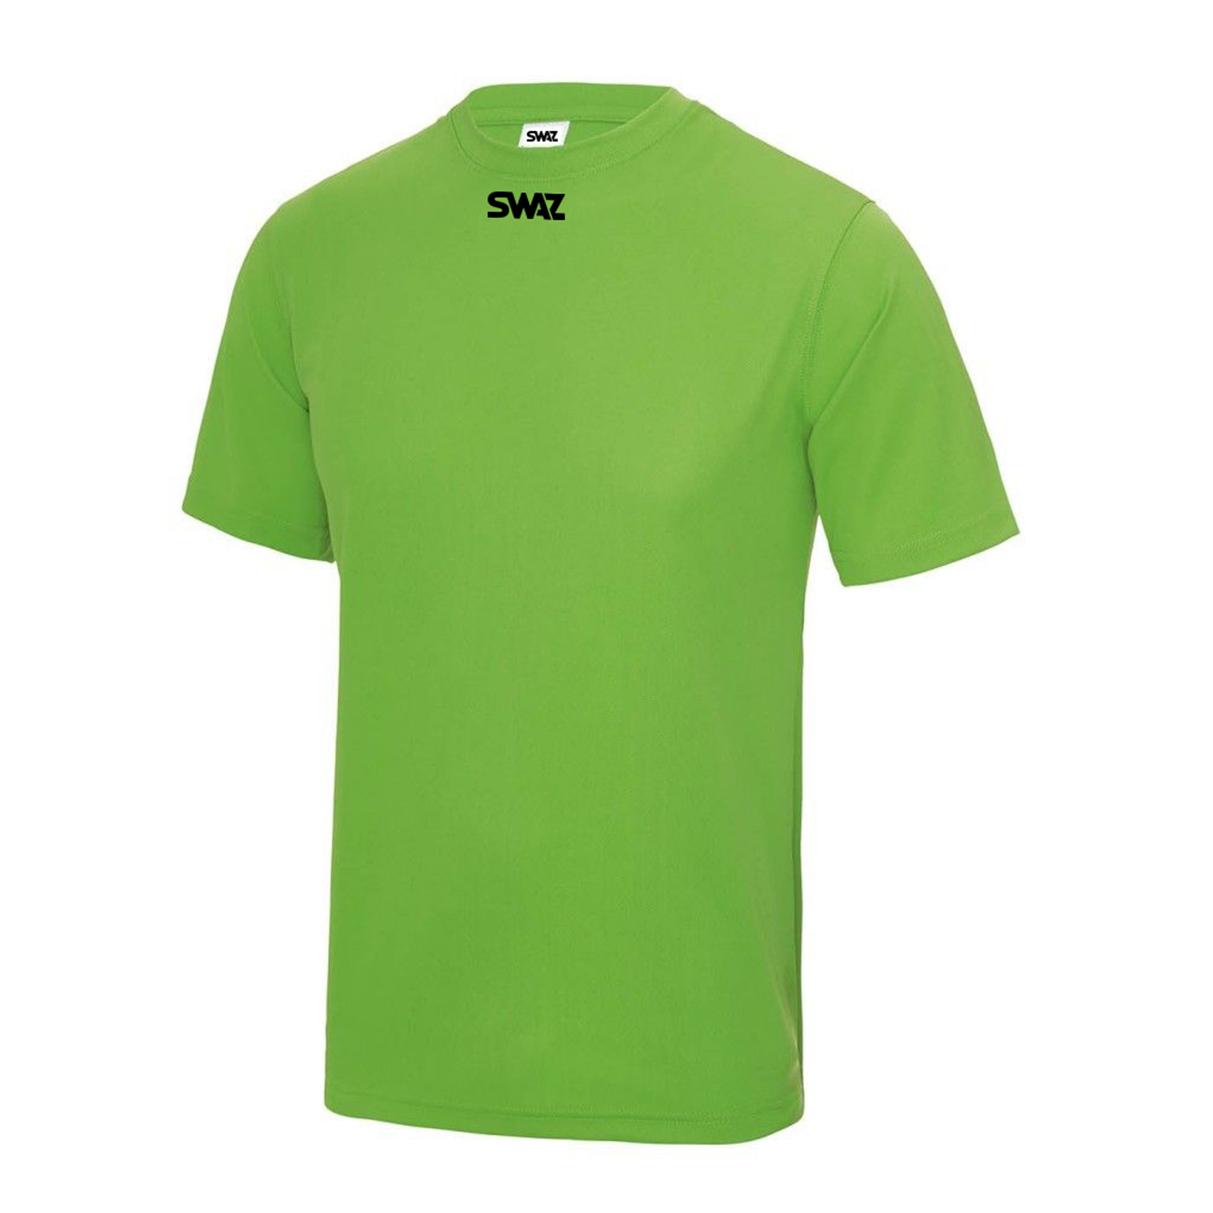 SWAZ Club Training T-Shirt – Lime